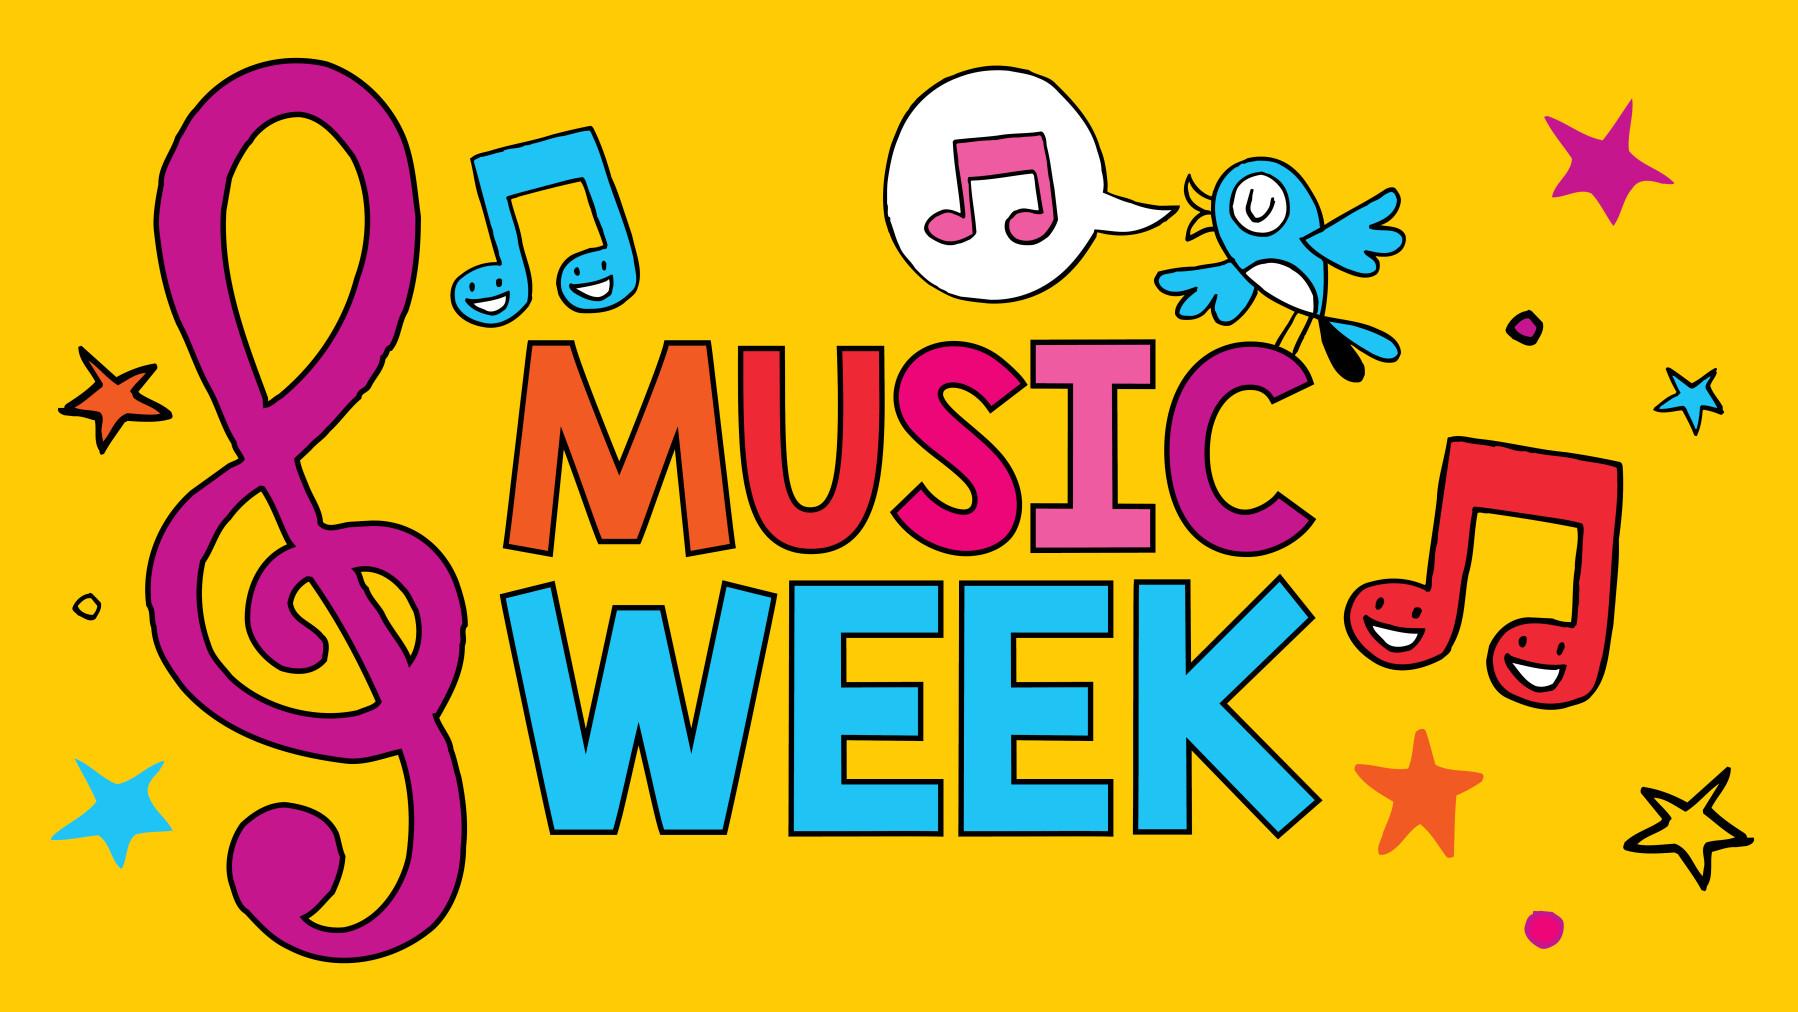 Music Week